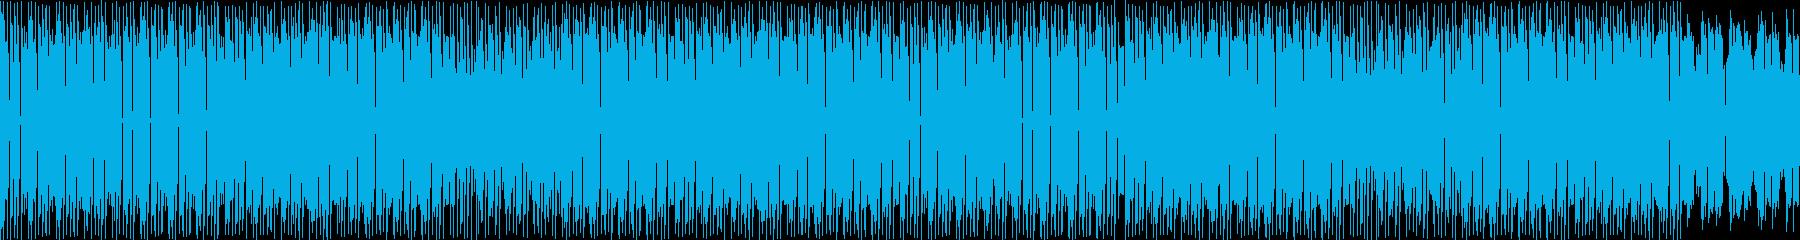 重厚な物が動いている様子を表現の再生済みの波形